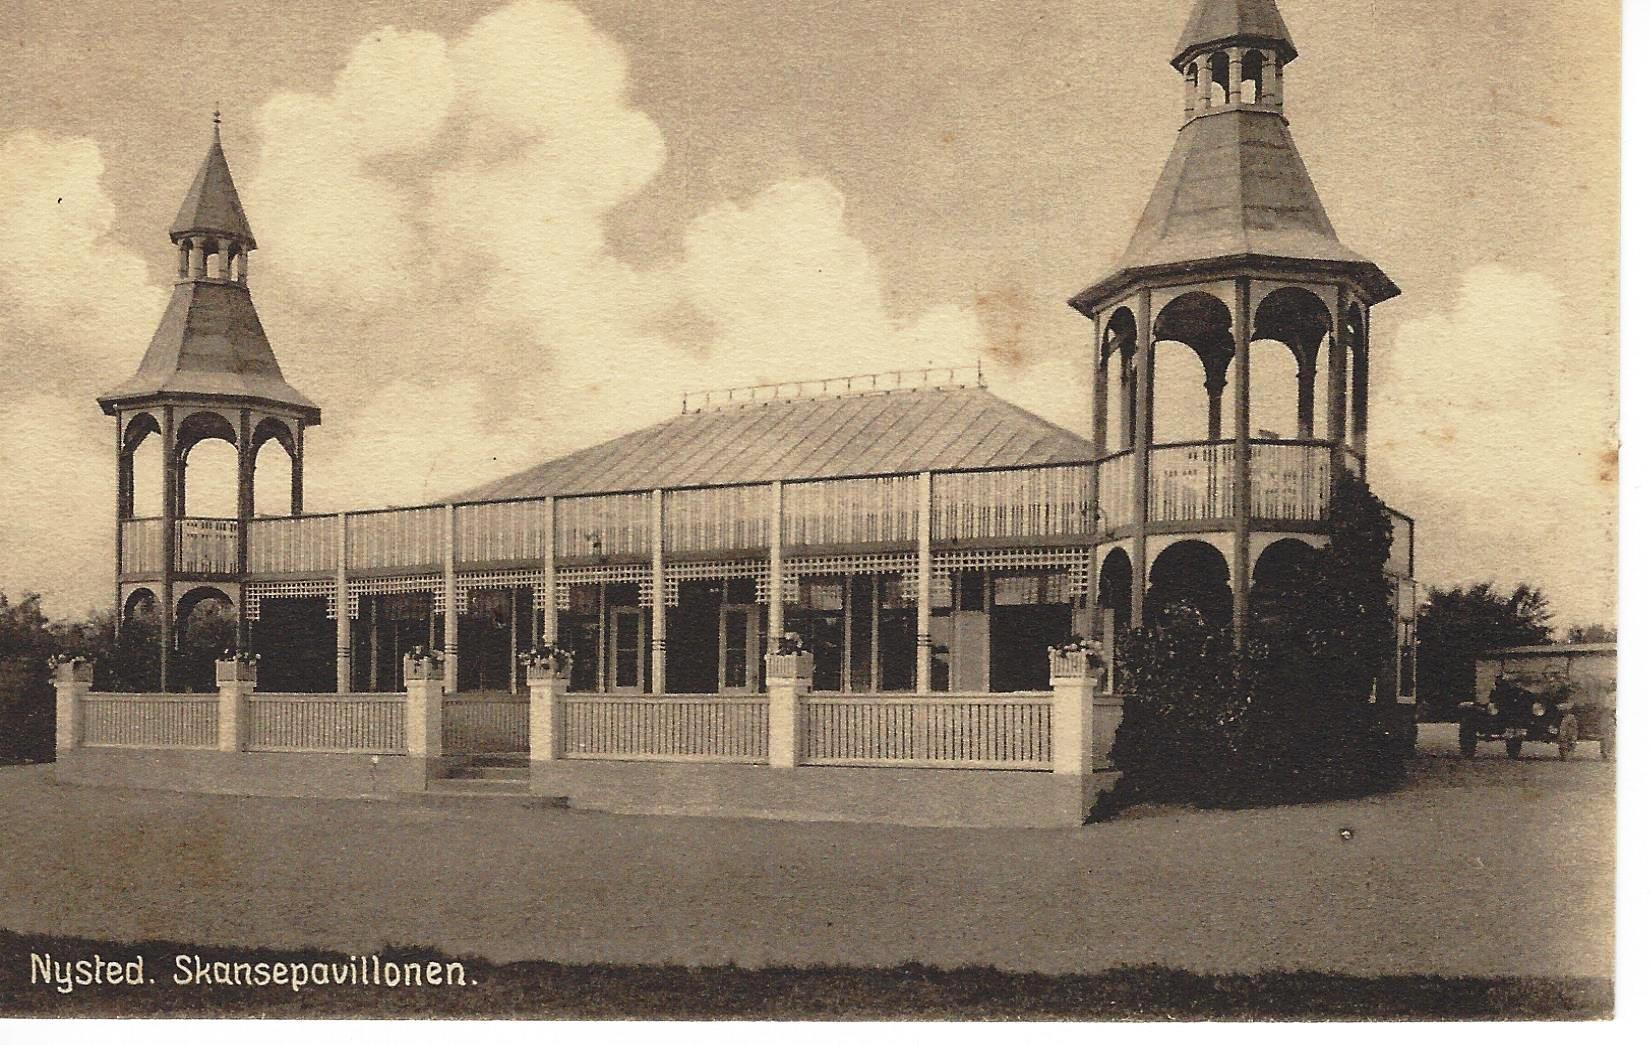 12-Skansepavillonen-1918-02